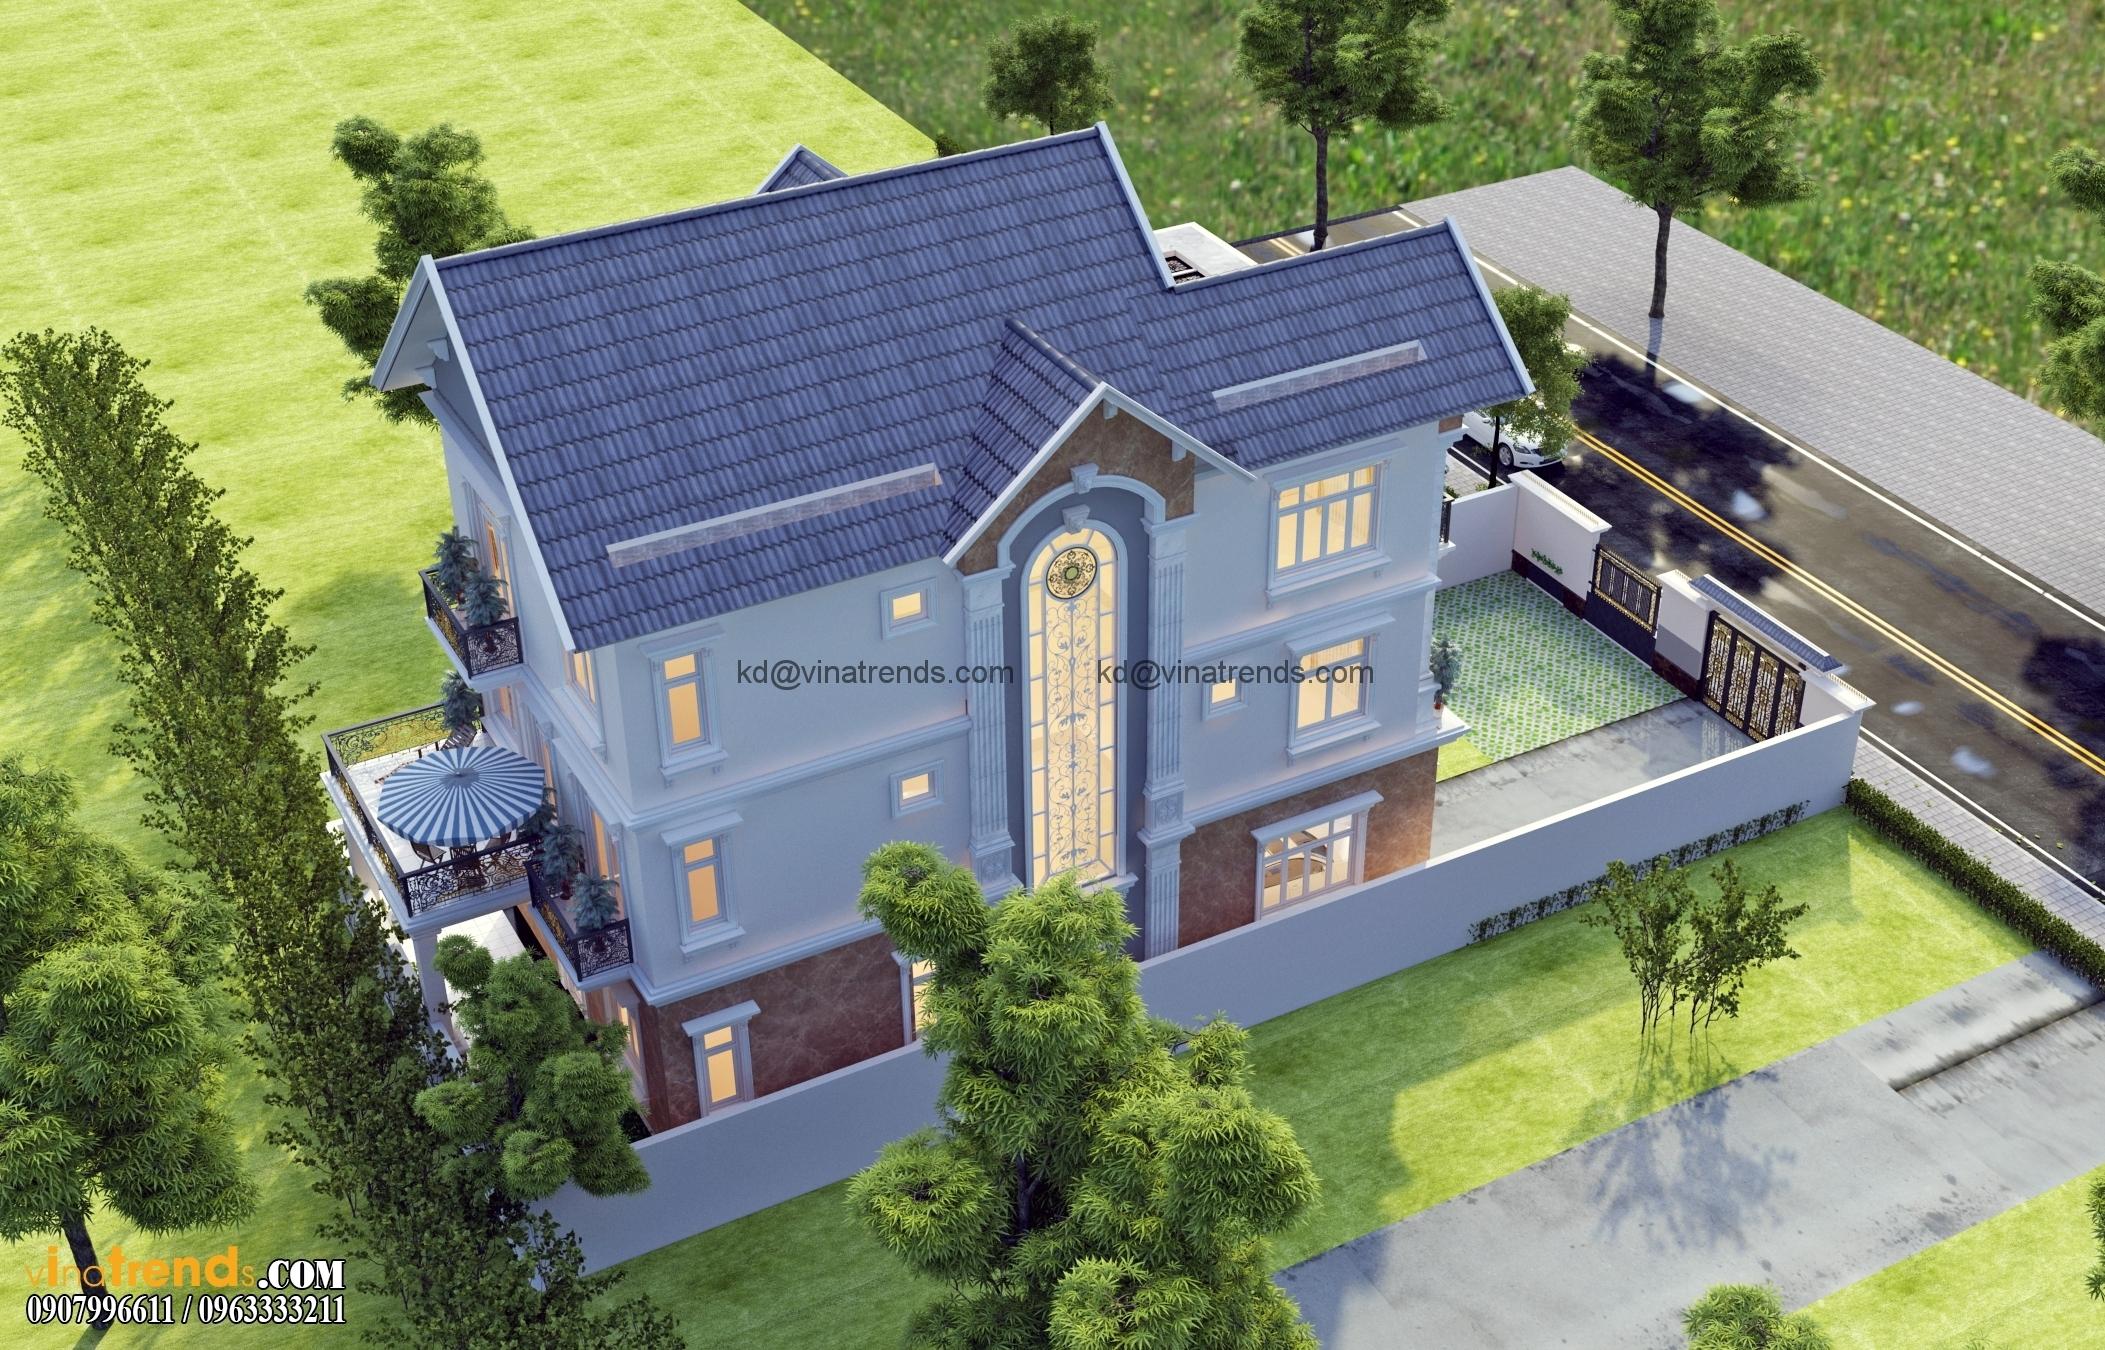 biet thu co dien dep nhat 3 tang 554m2 2 Thiết kế biệt thự vườn 360m2 3 tầng tân cổ điển mới lạ BTV270814A